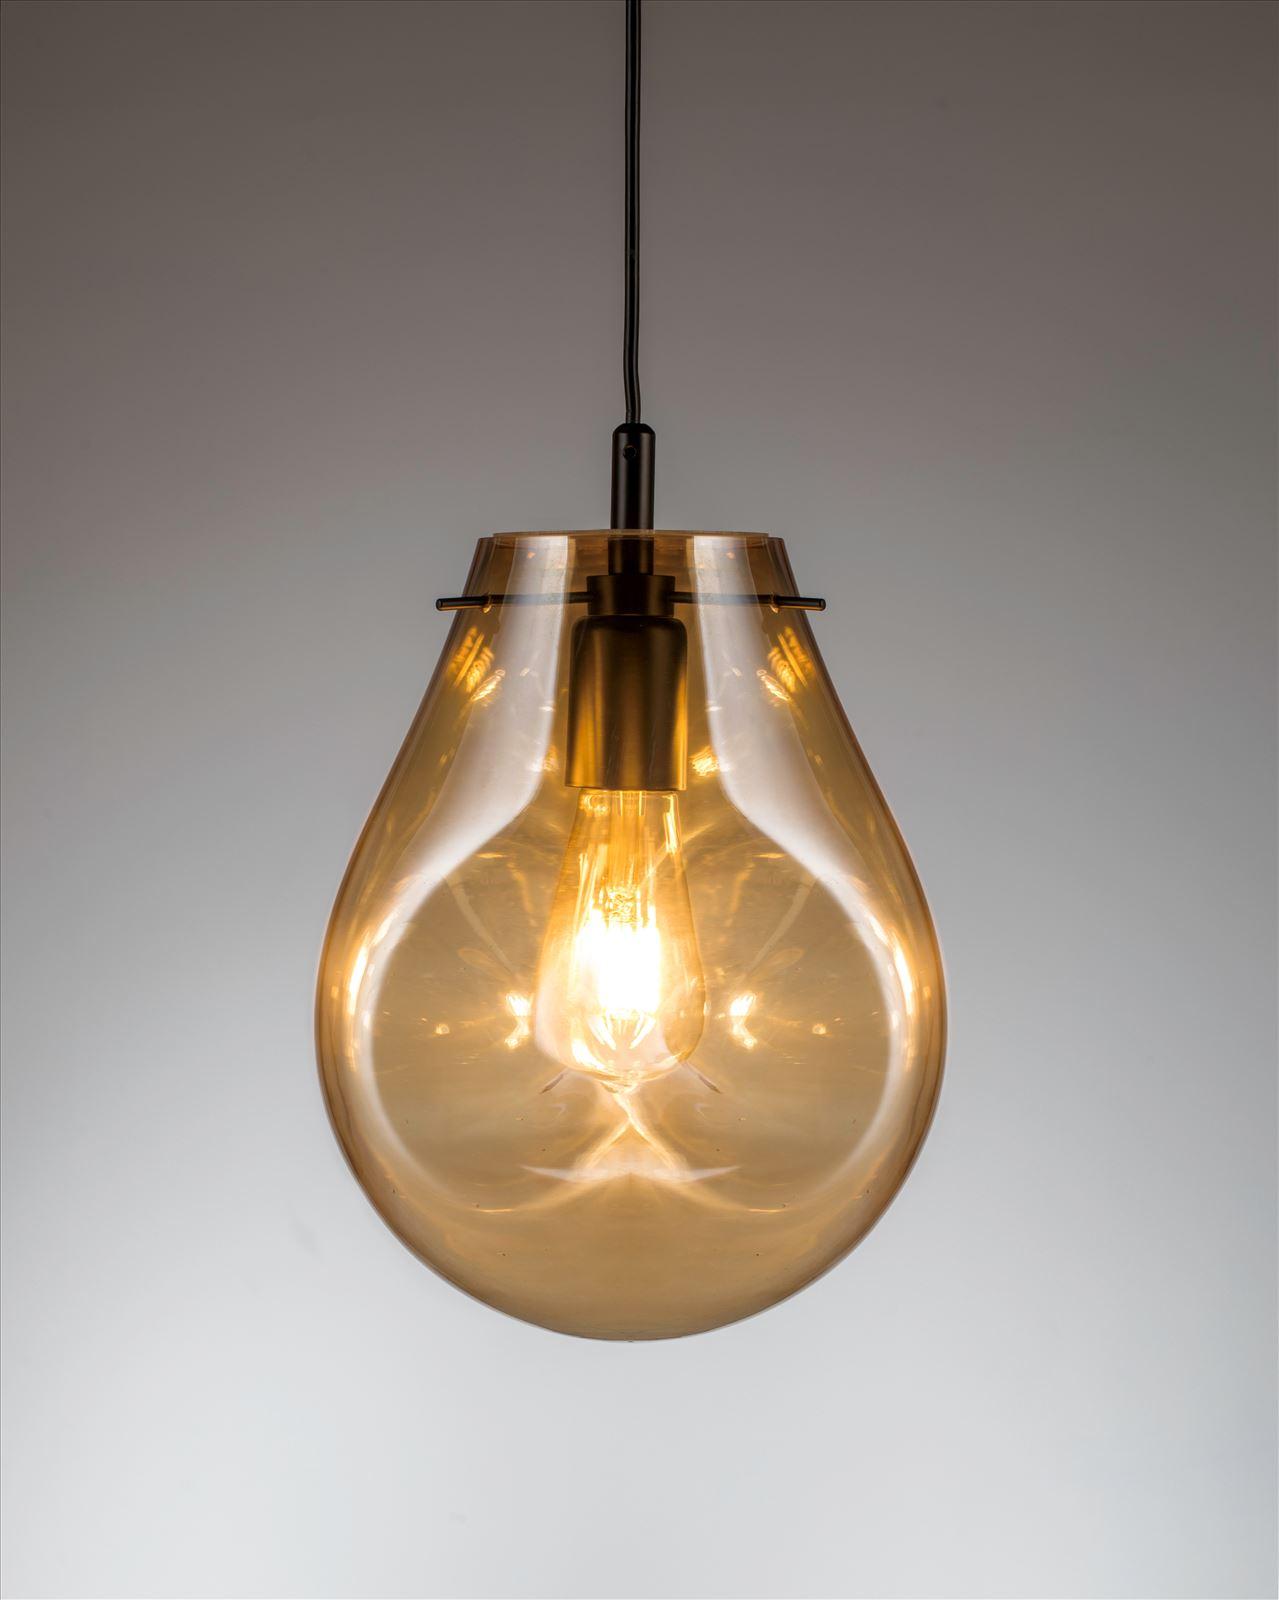 גופי תאורה בקטגוריית: מנורות תלויות ,שם המוצר: DROP